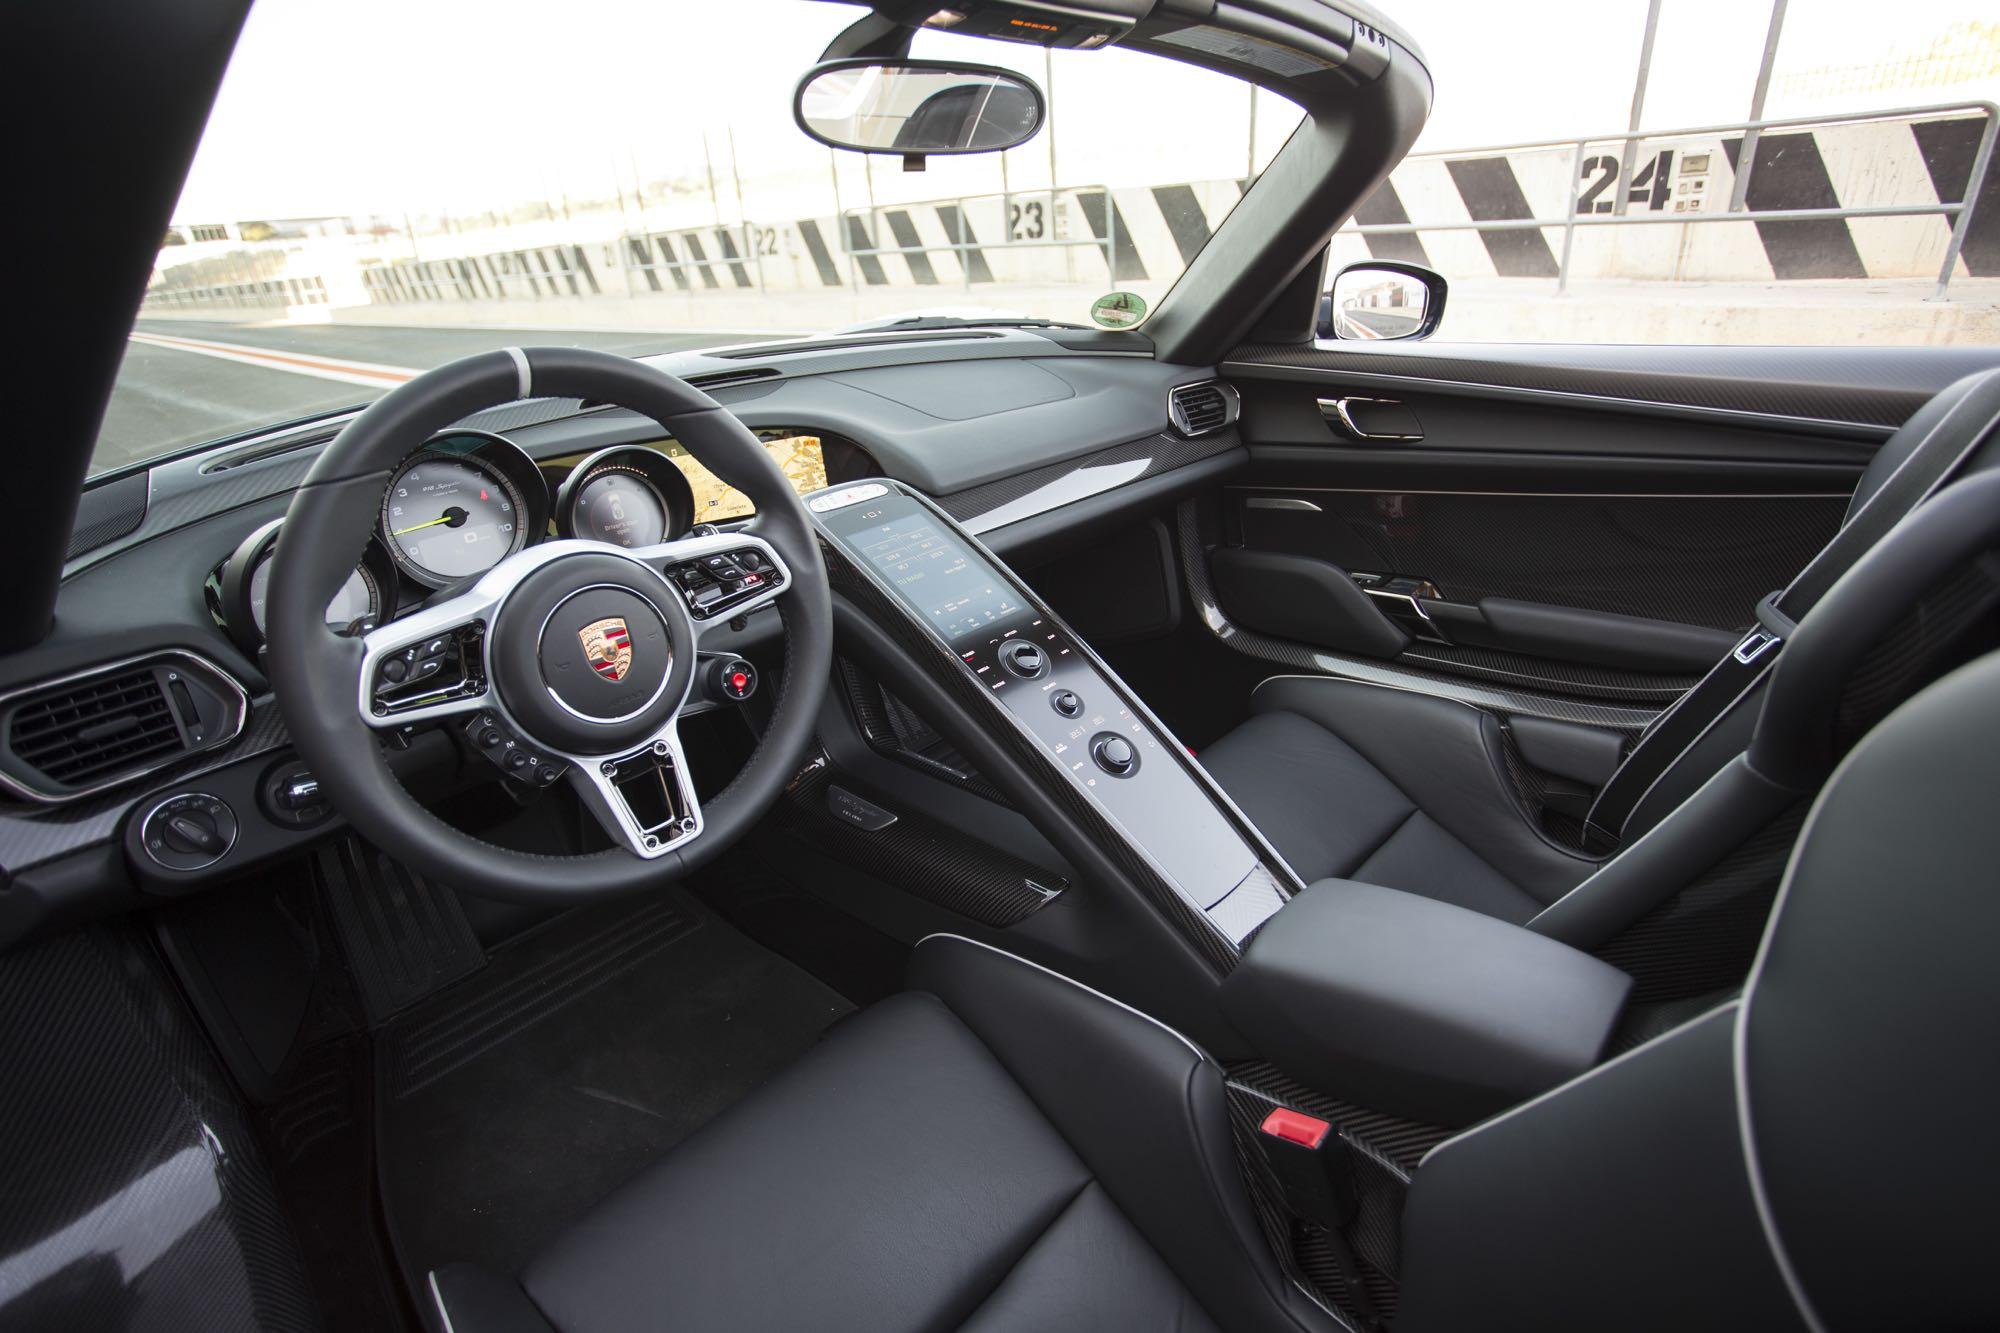 porsche918spyder3-1435160403 Interesting Hinh Anh Xe Porsche 918 Spyder Cars Trend